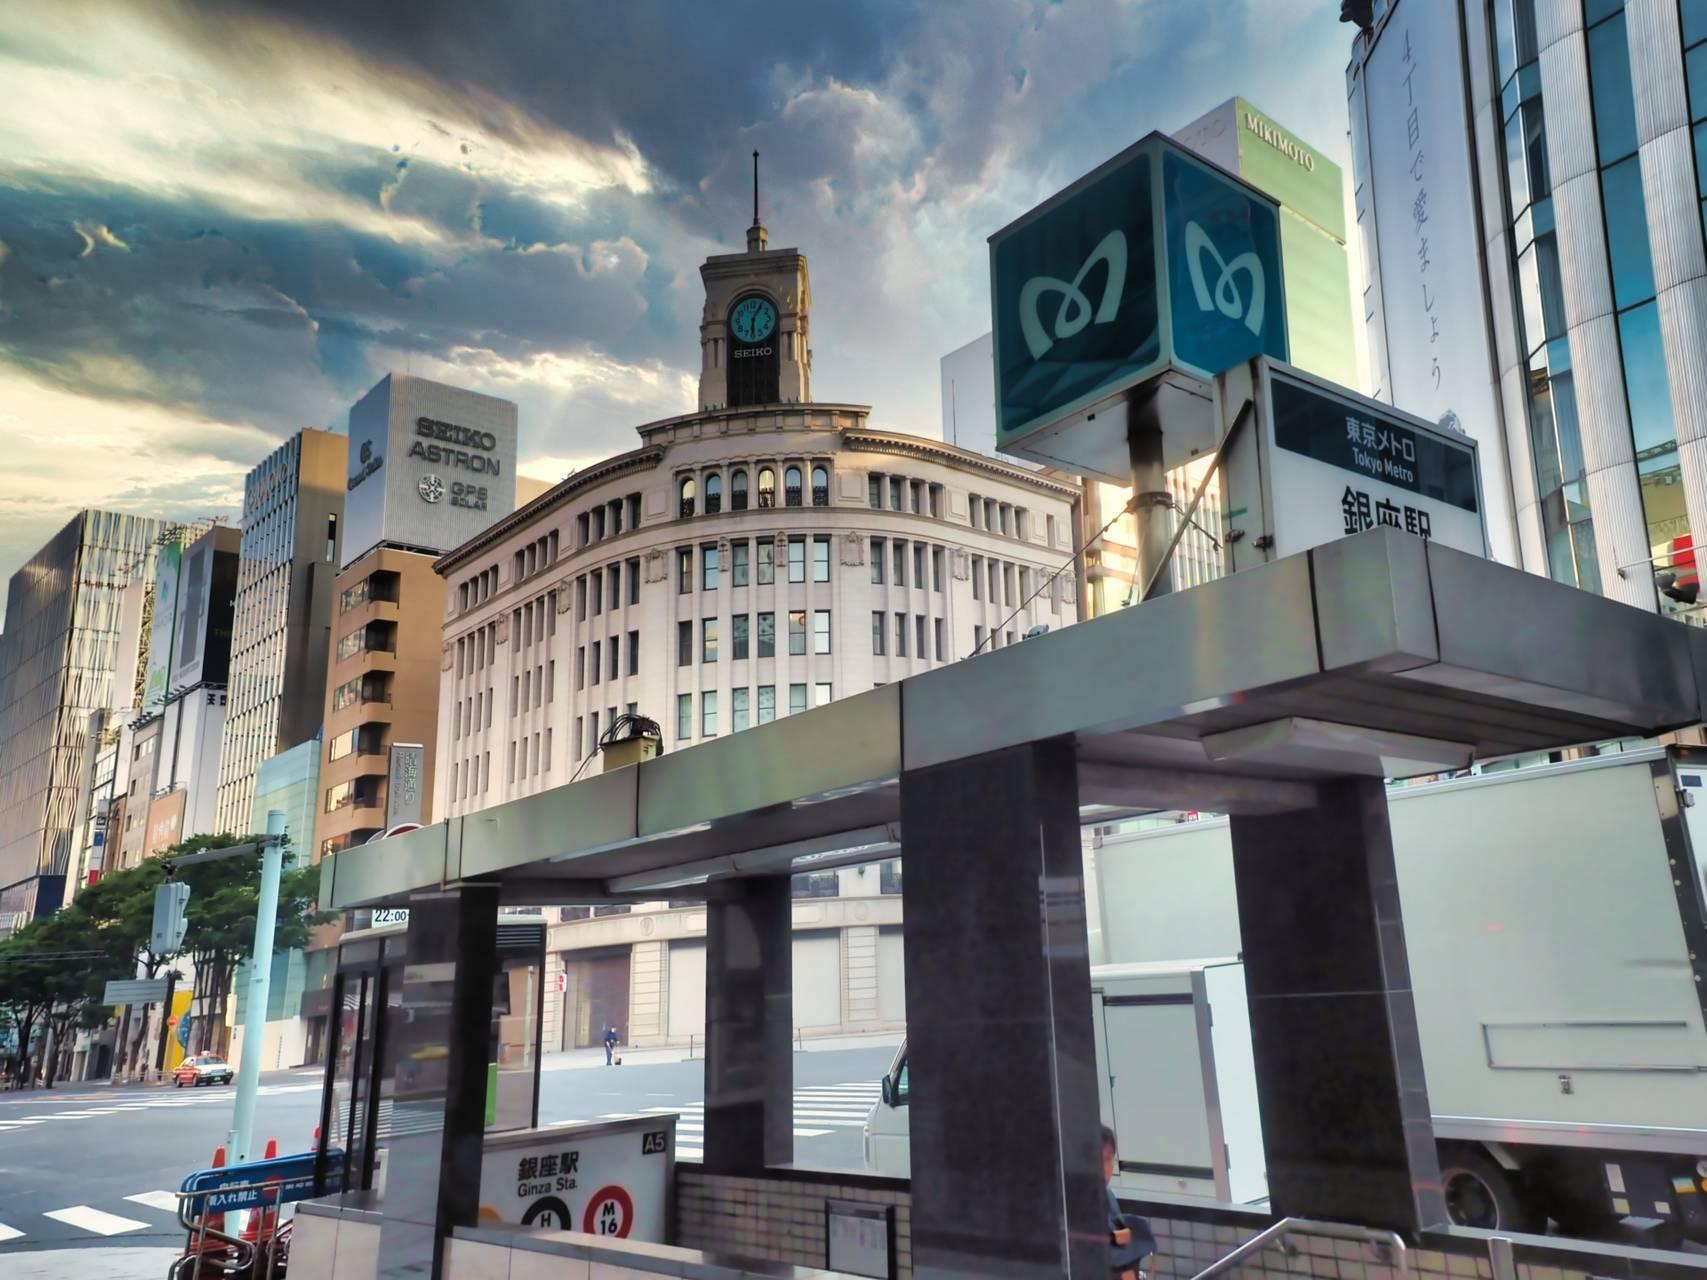 銀座駅周辺のエリアガイド&おすすめのマンスリーマンション